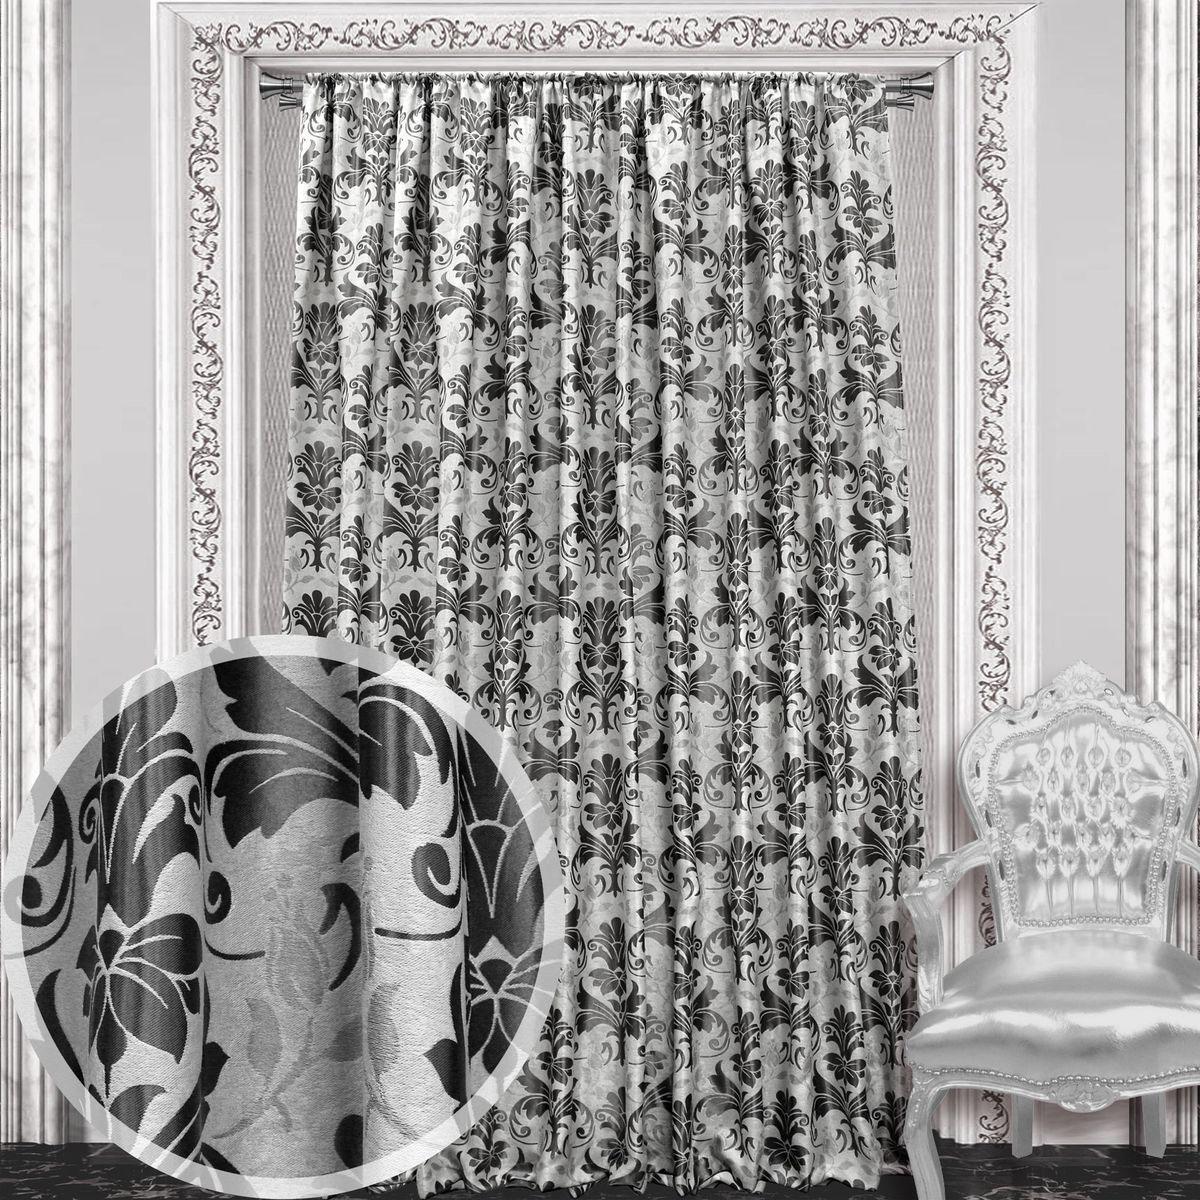 Штора Amore Mio, на ленте, цвет: черный, высота 270 см. 86048 защитная накидка смешарики под детское кресло цвет серый 118 х 48 см